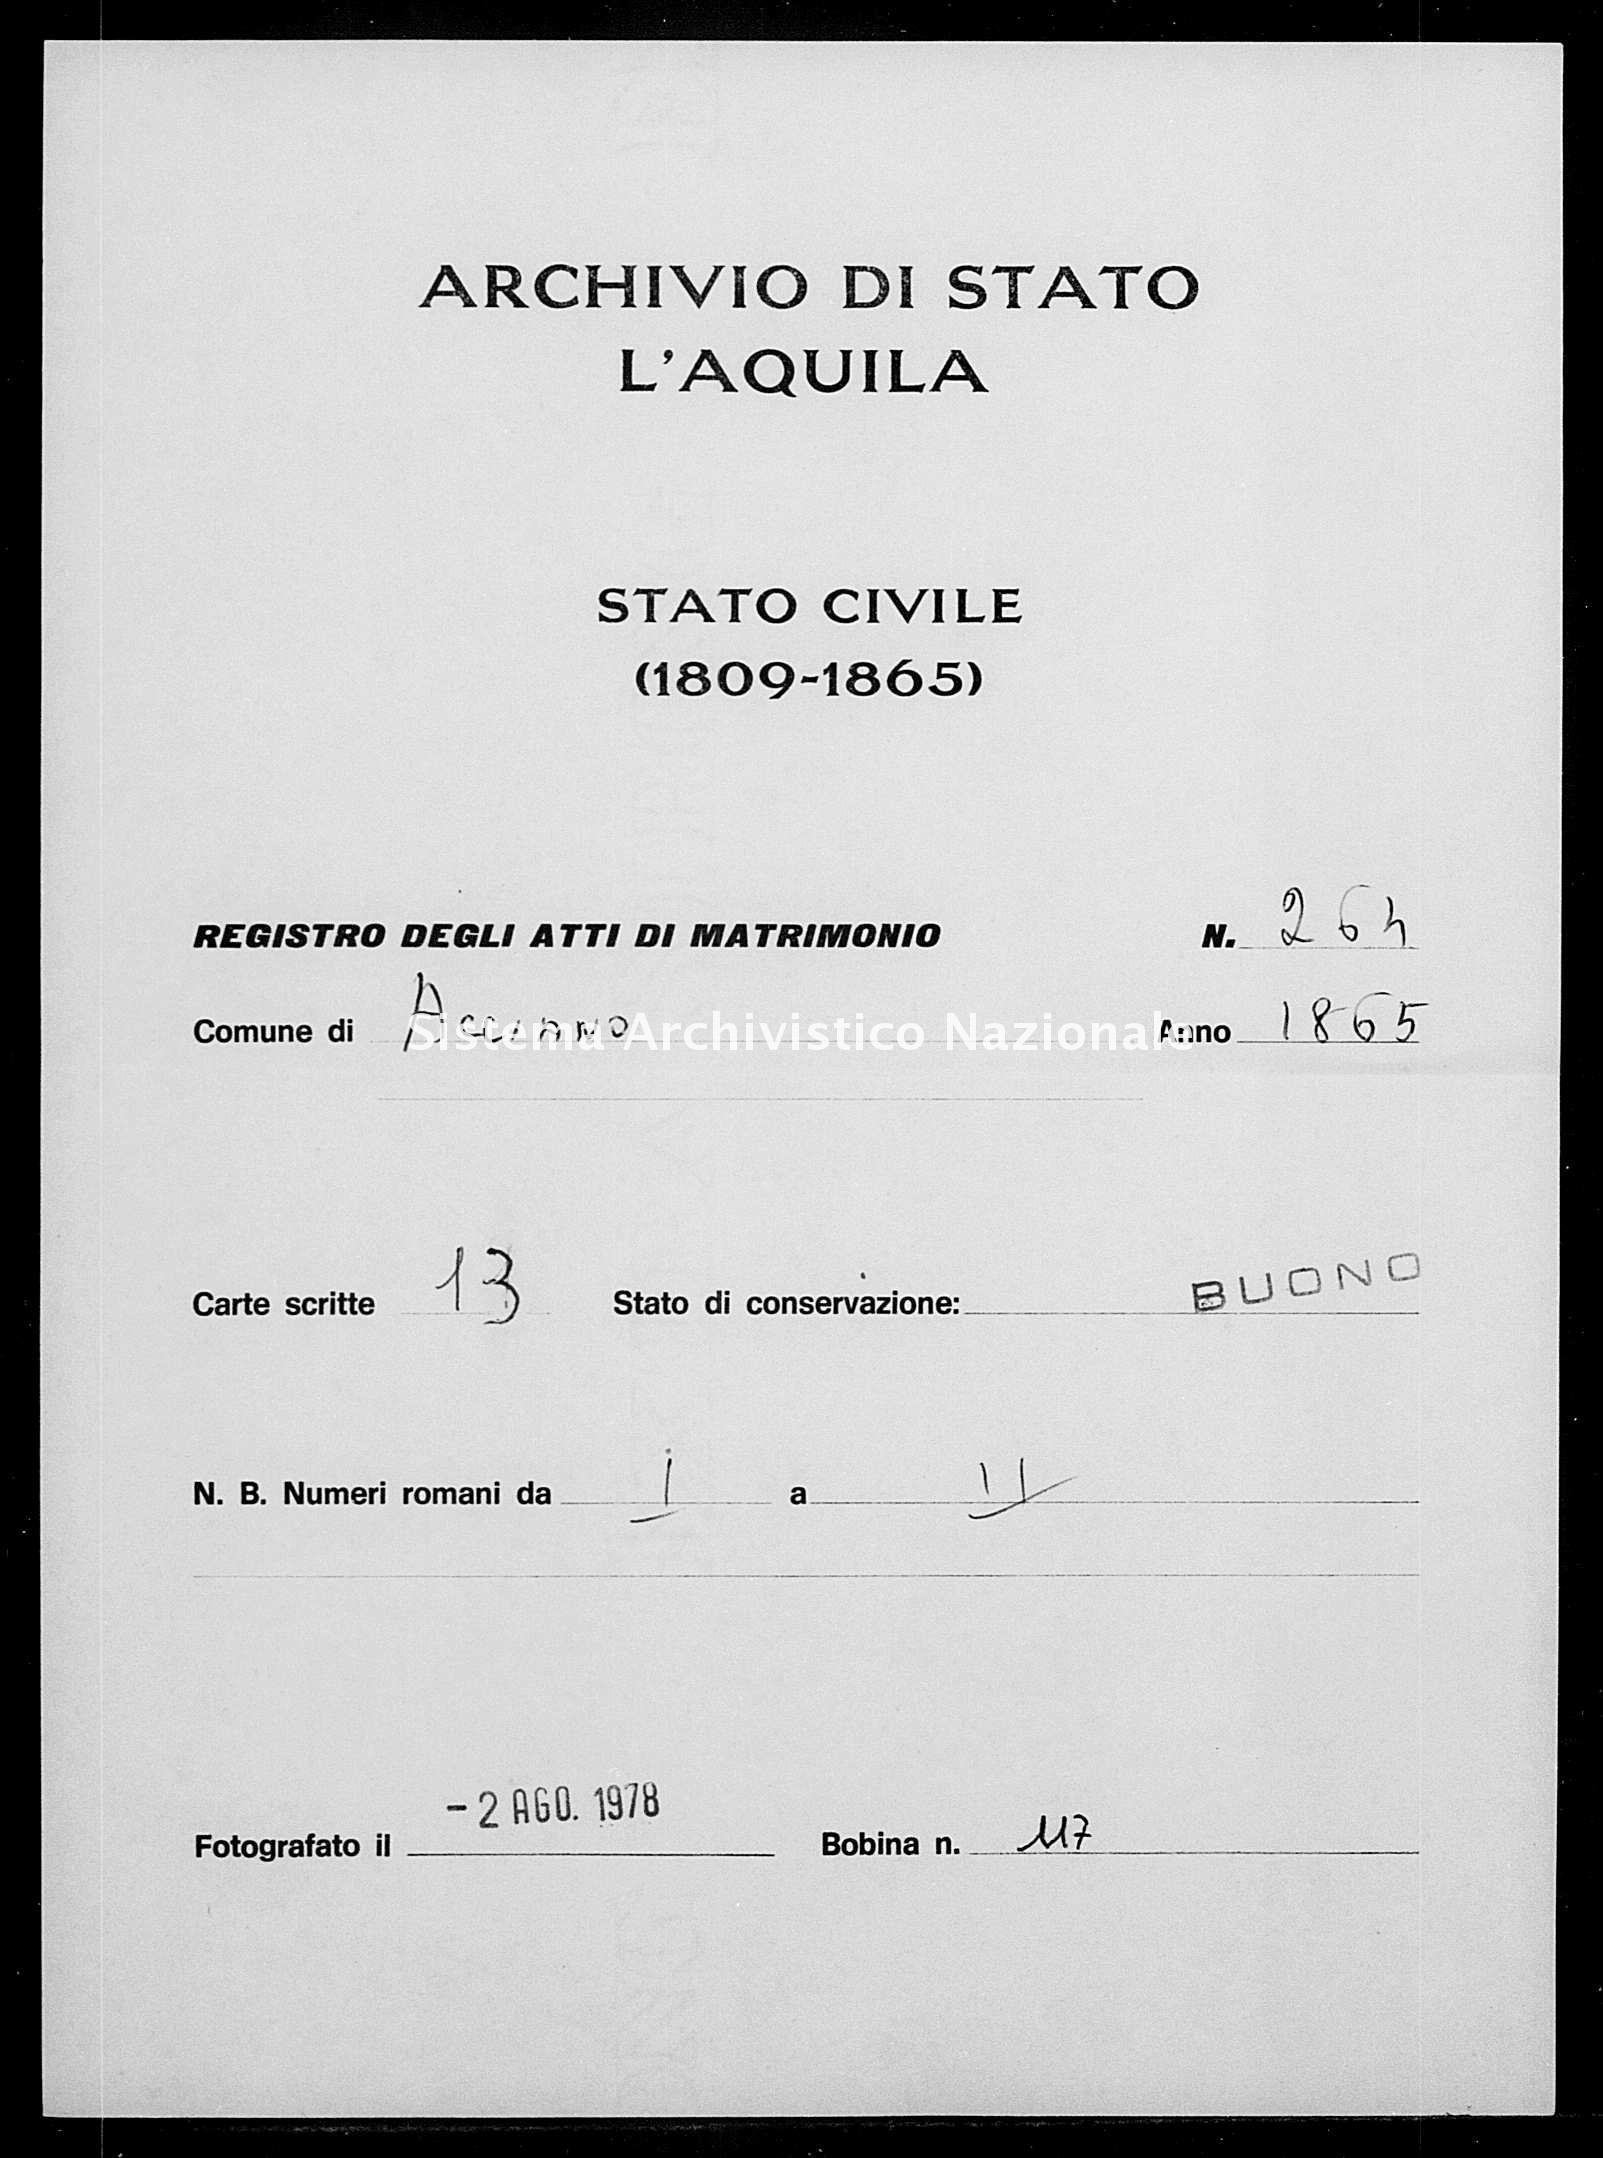 Archivio di stato di L'aquila - Stato civile italiano - Acciano - Matrimoni - 1865 - 264 -